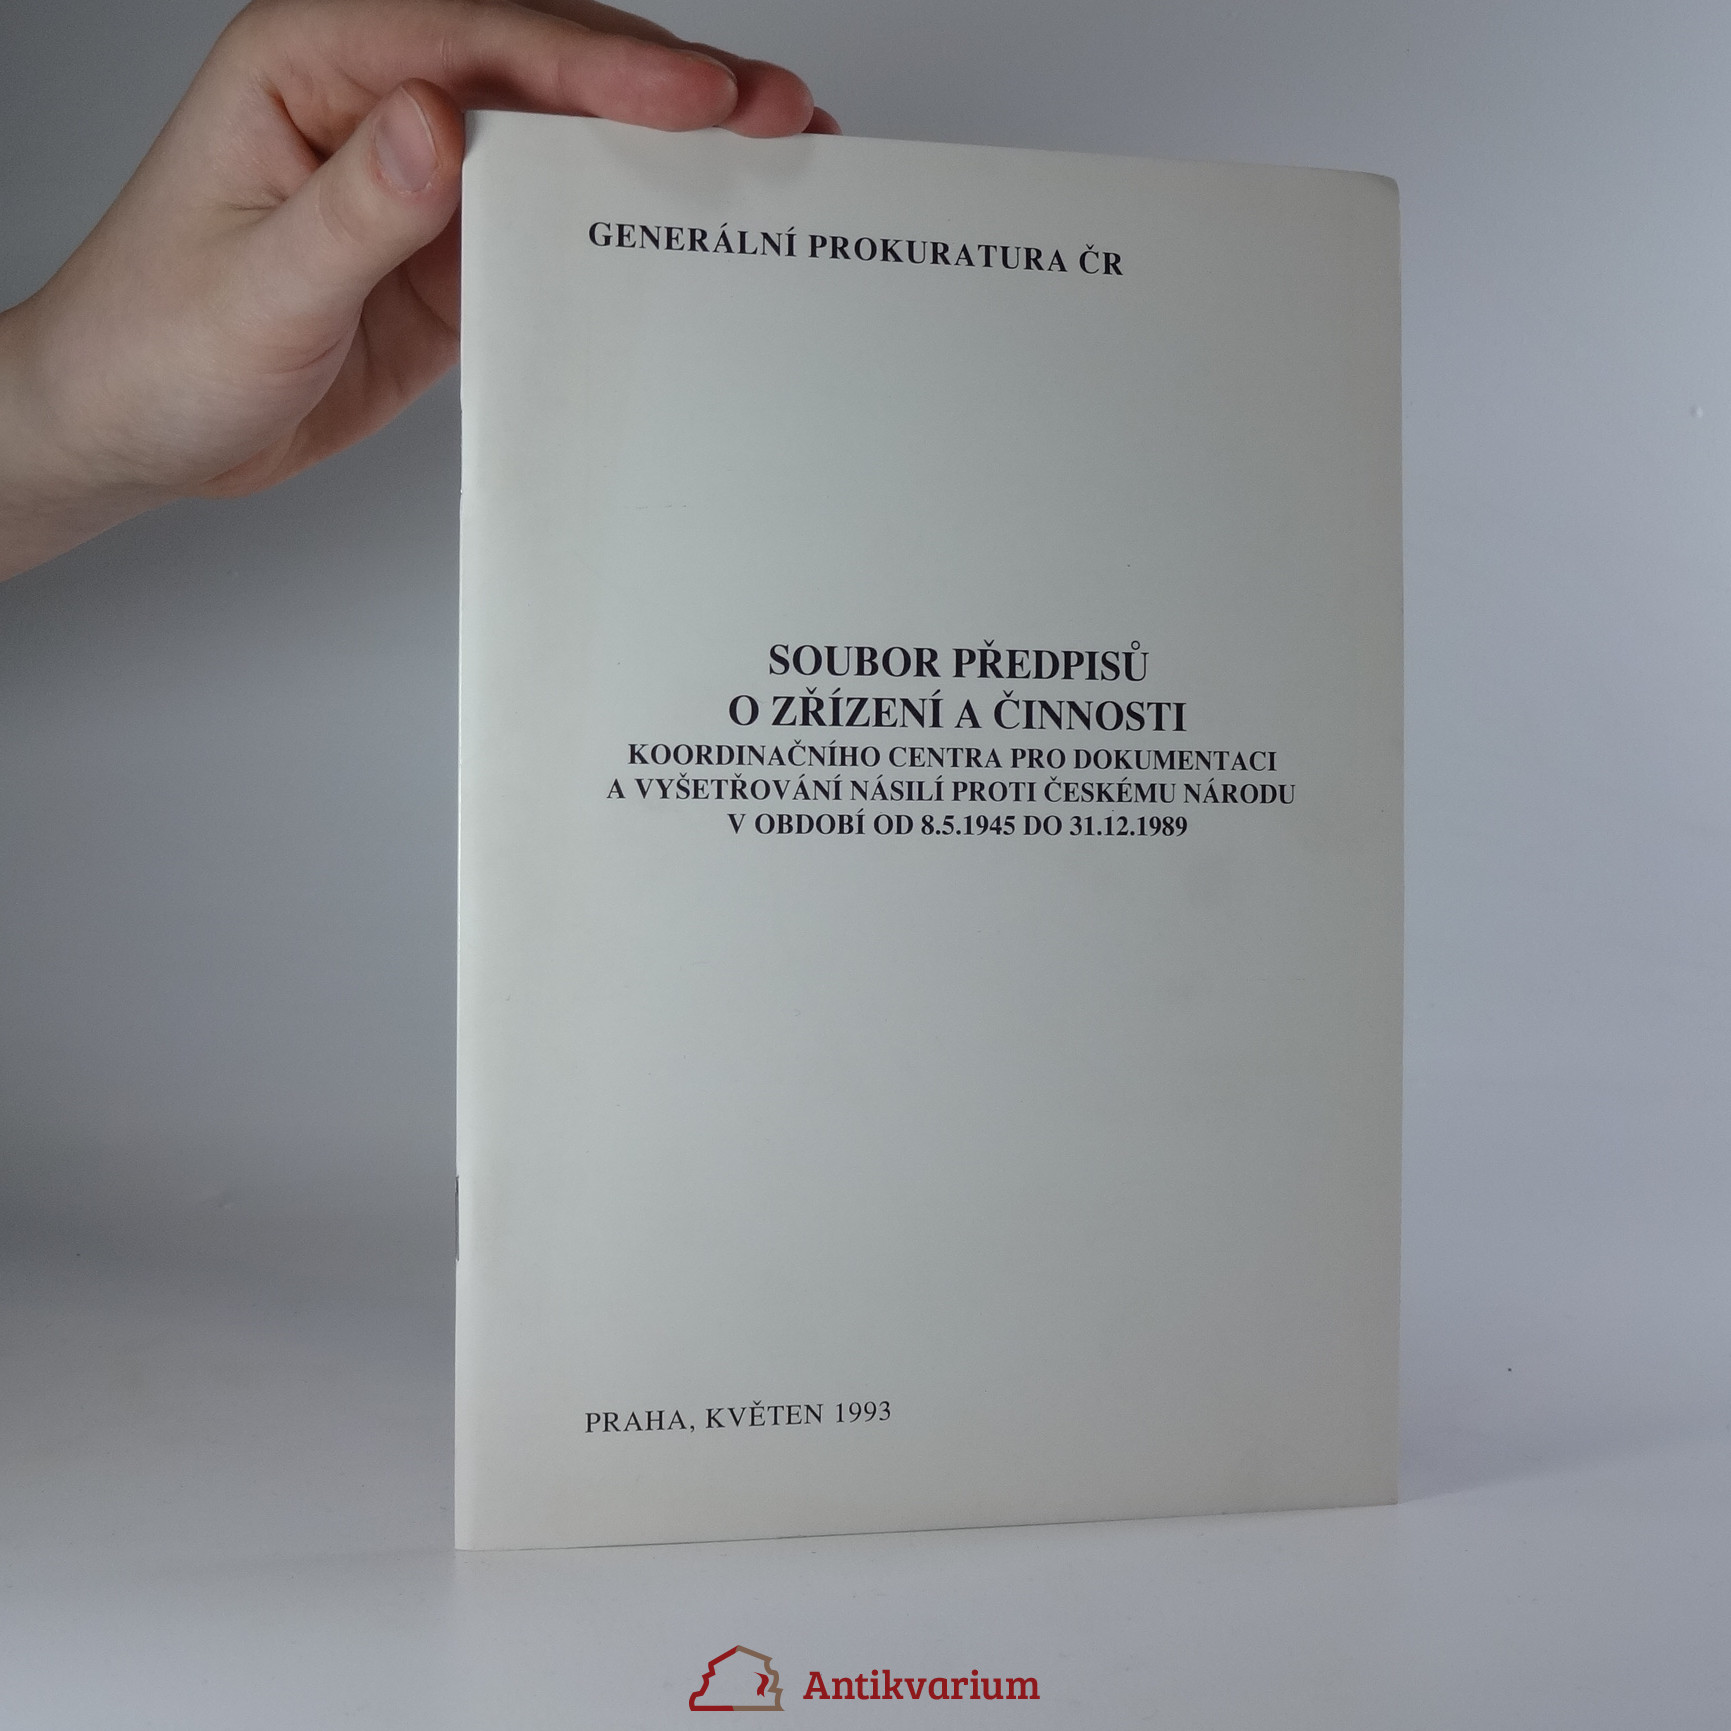 antikvární kniha Soubor předpisů o zřízení a činnosti koordinačního centra pro dokumentaci a vyšetřování násilí proti českému národu v období od 8.5.1945 do 31.12.1989, 1993